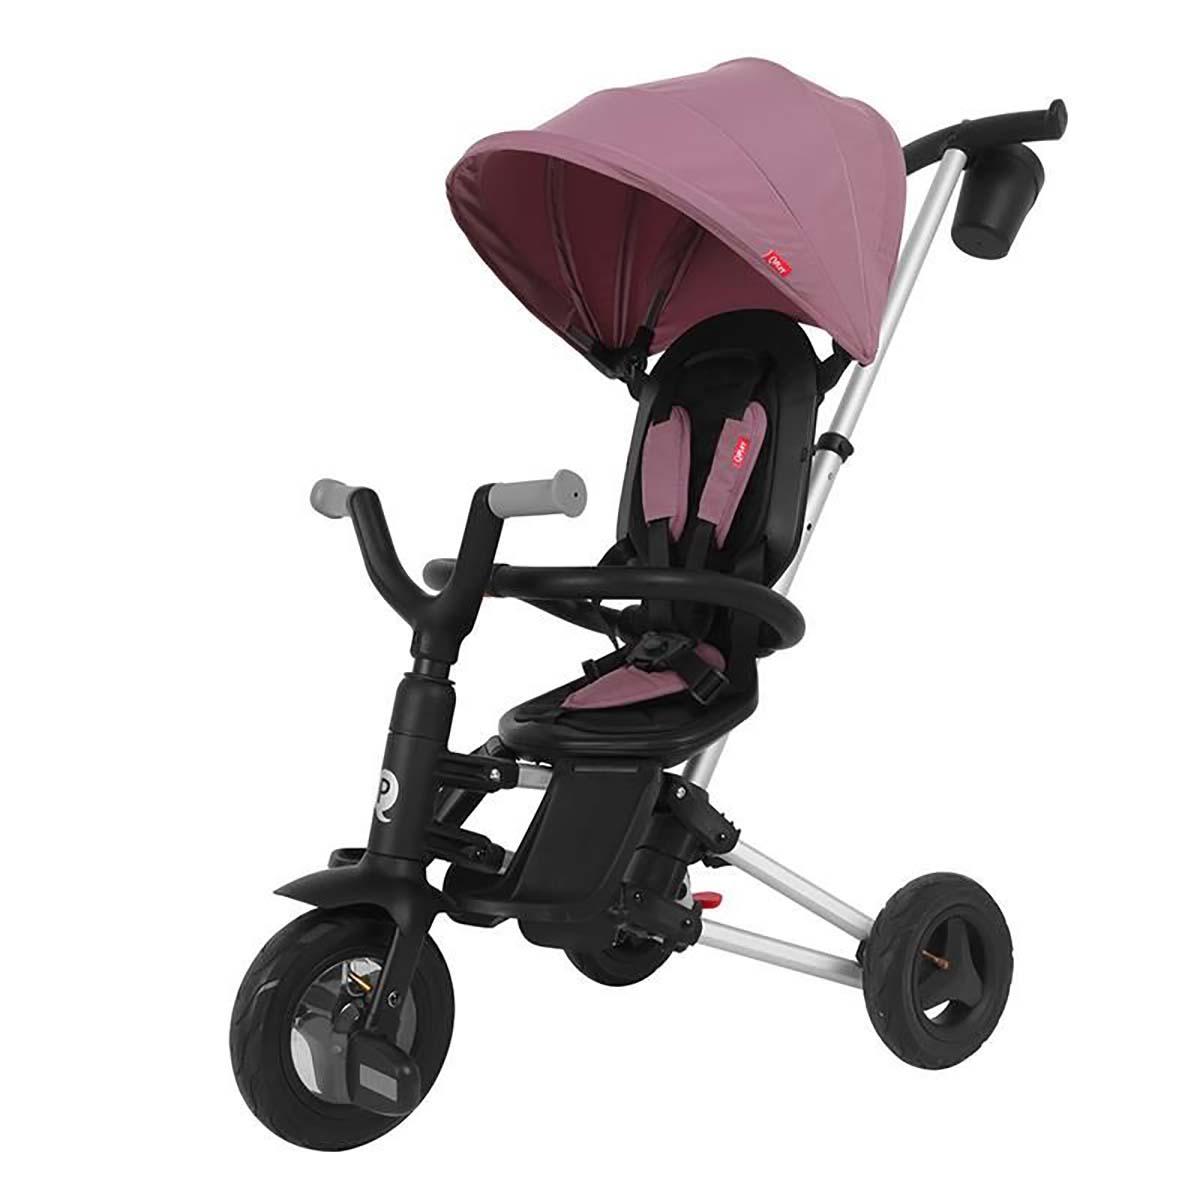 Tricicleta ultrapliabila Qplay Nova Air, Violet